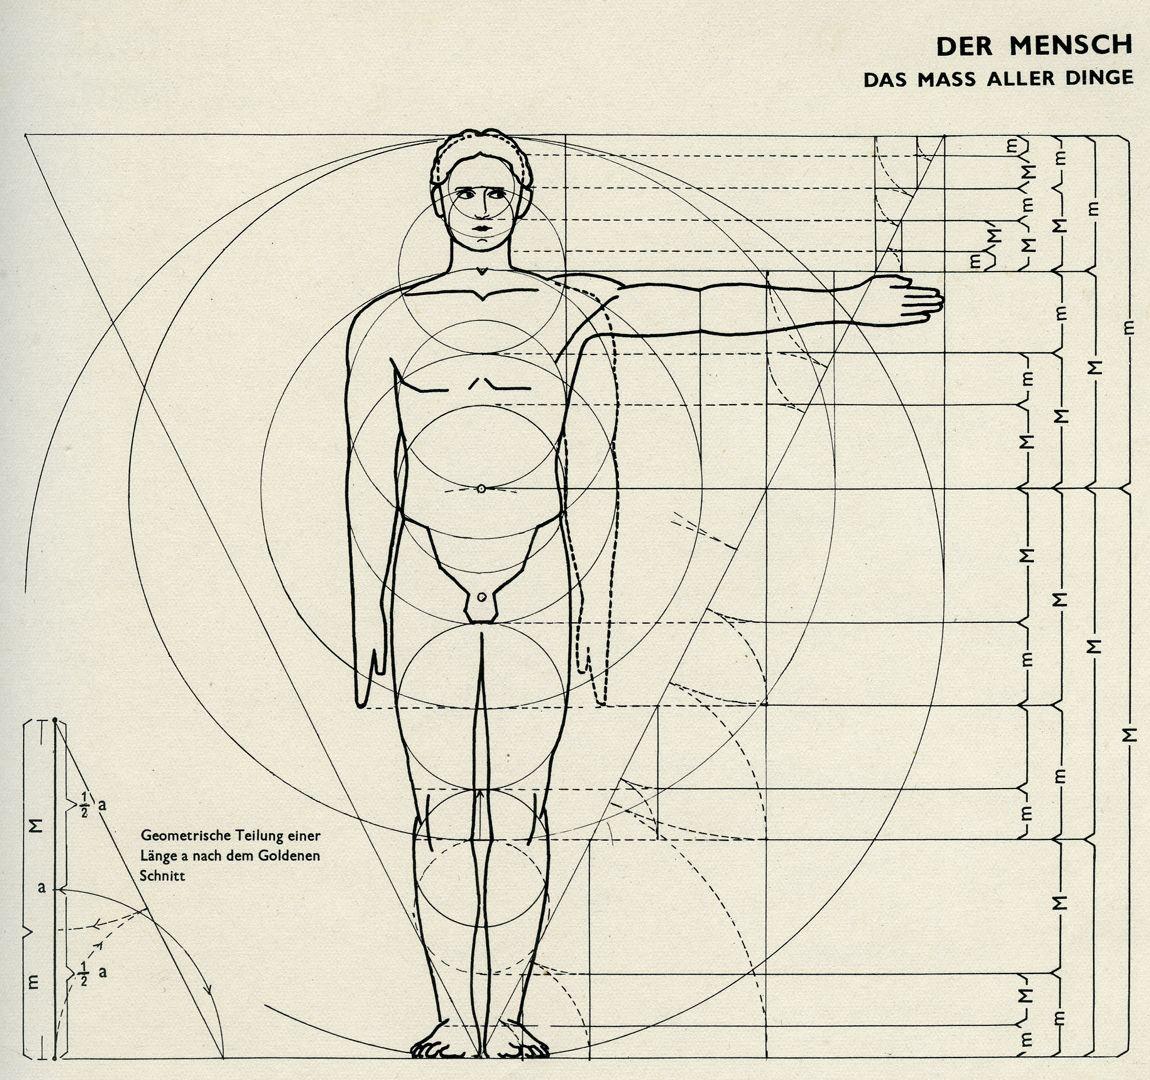 DER MENSCH / DAS MASS ALLER DINGE Bauentwurfslehre, Seite 23, oben: DER MENSCH / DAS MASS ALLER DINGE